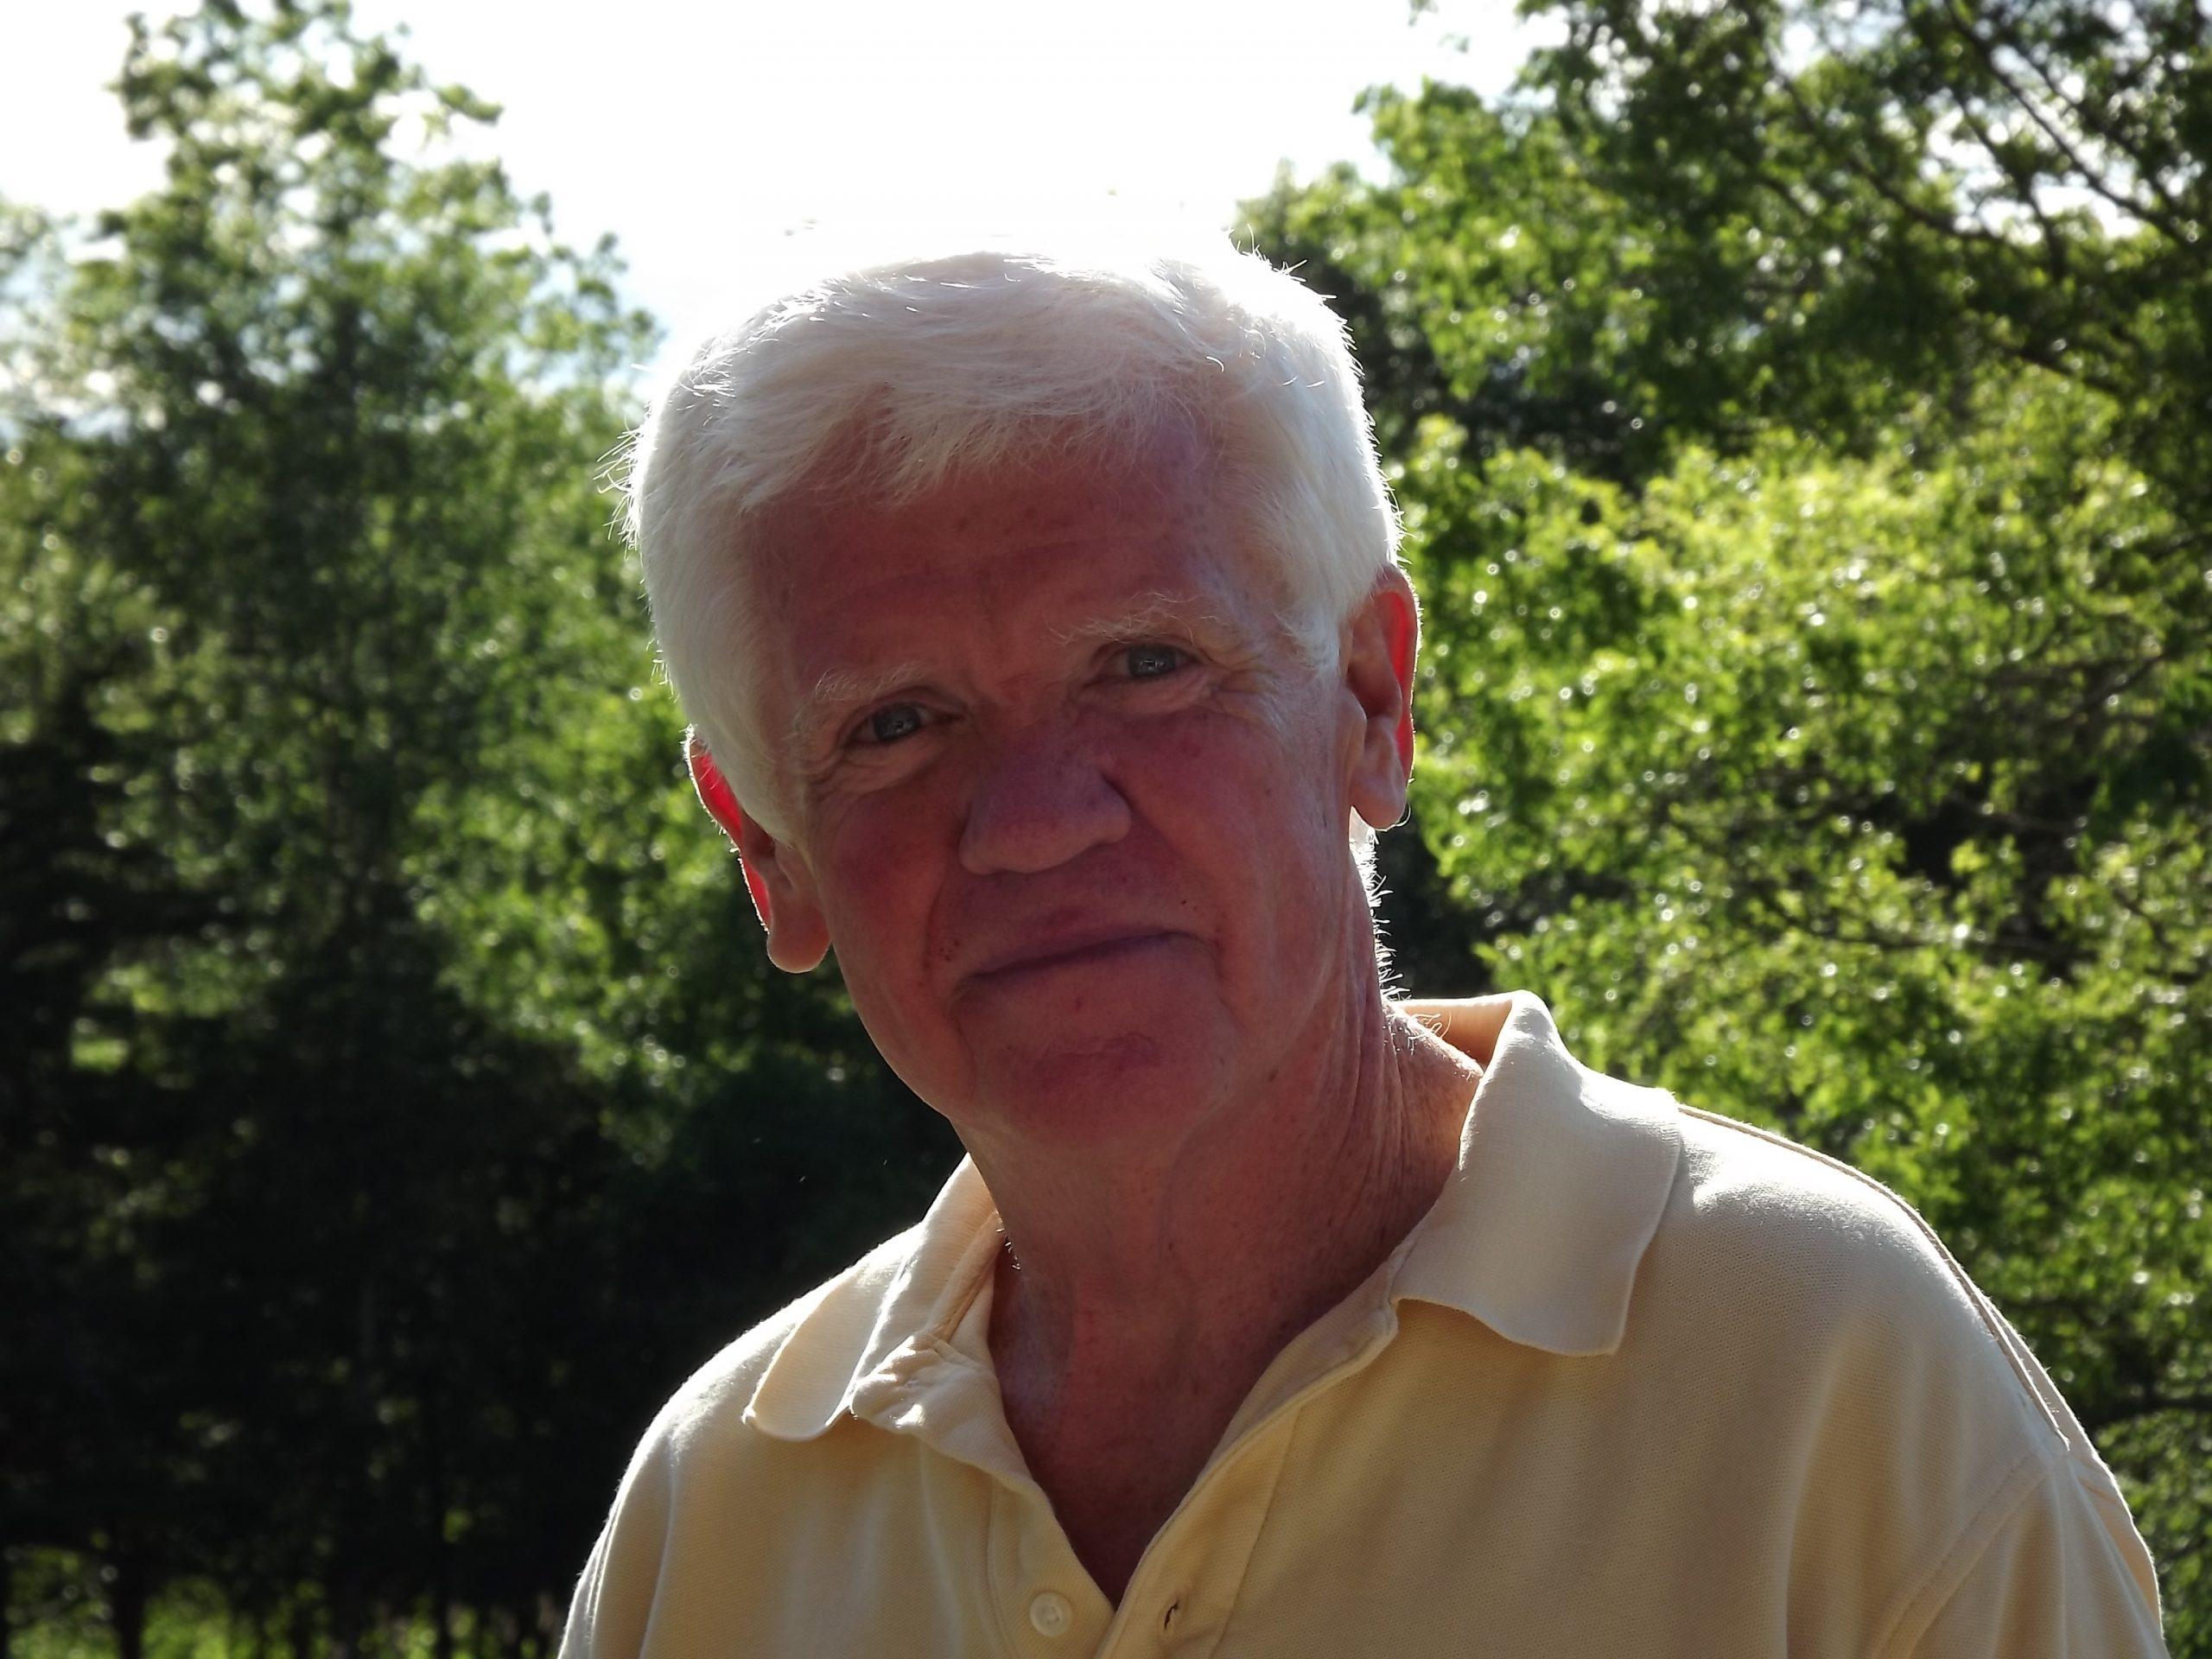 Steve Carolan